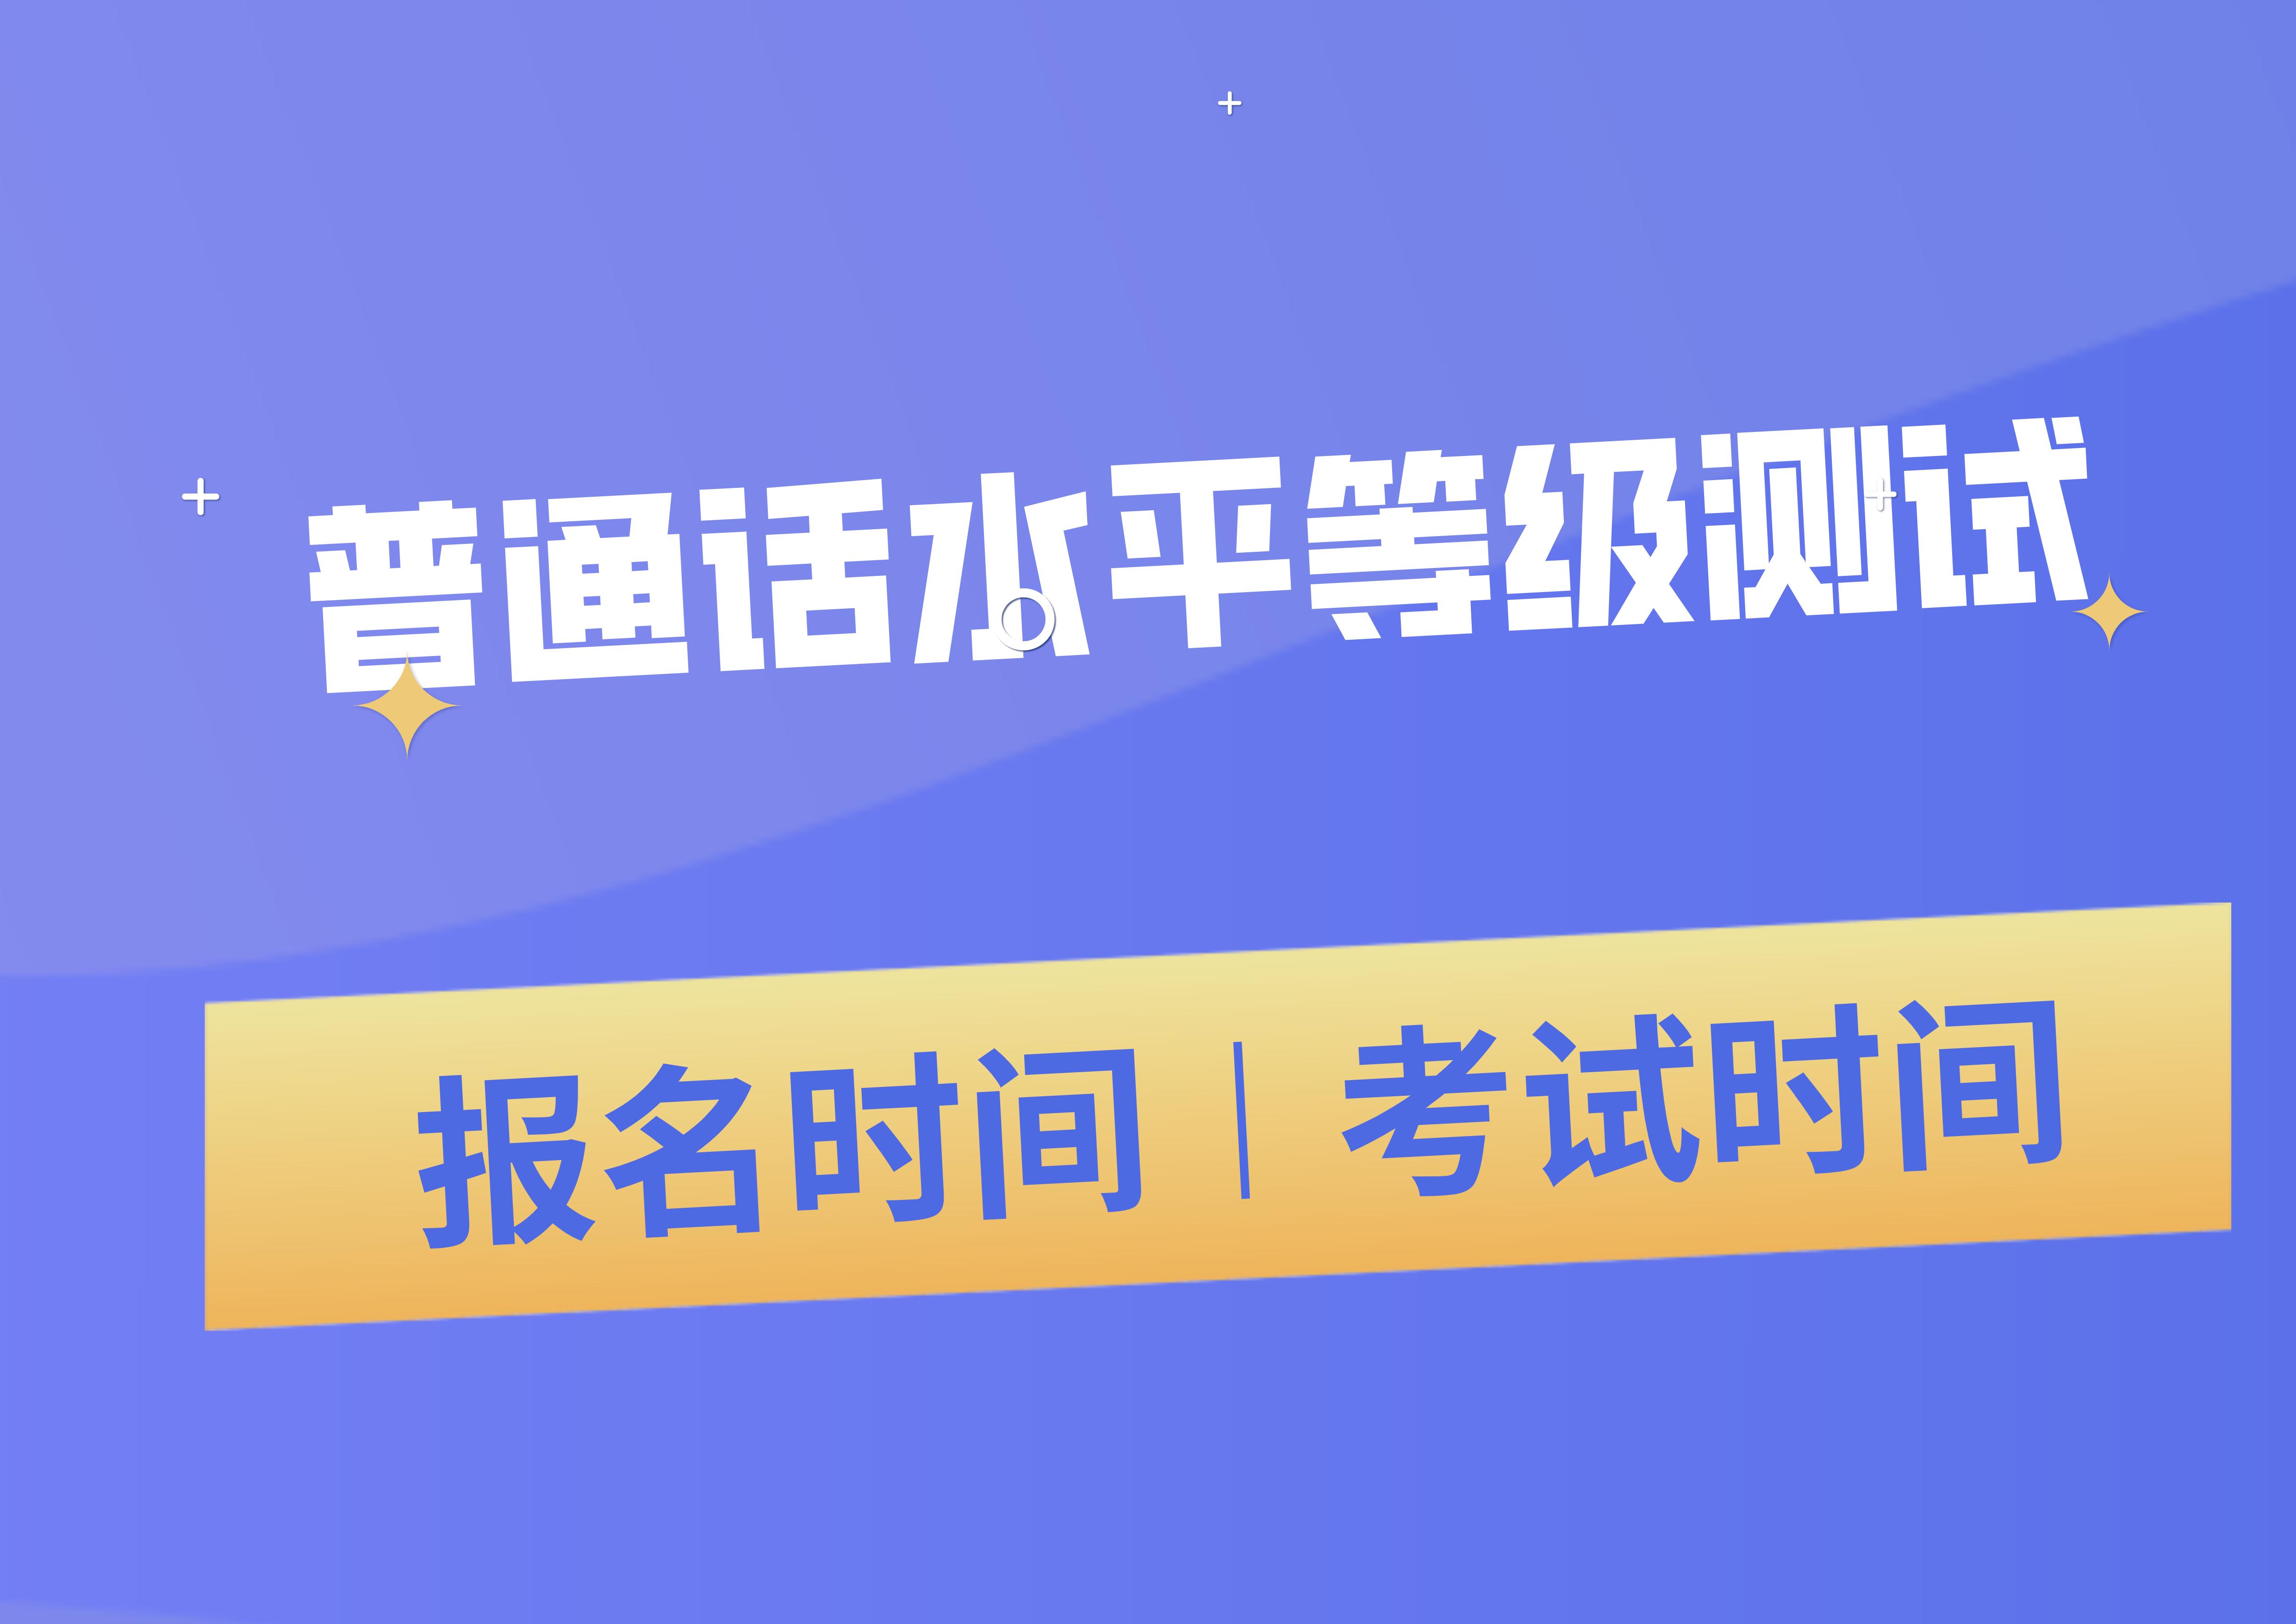 2021年安徽宿州市测试站普通话水平测试公告